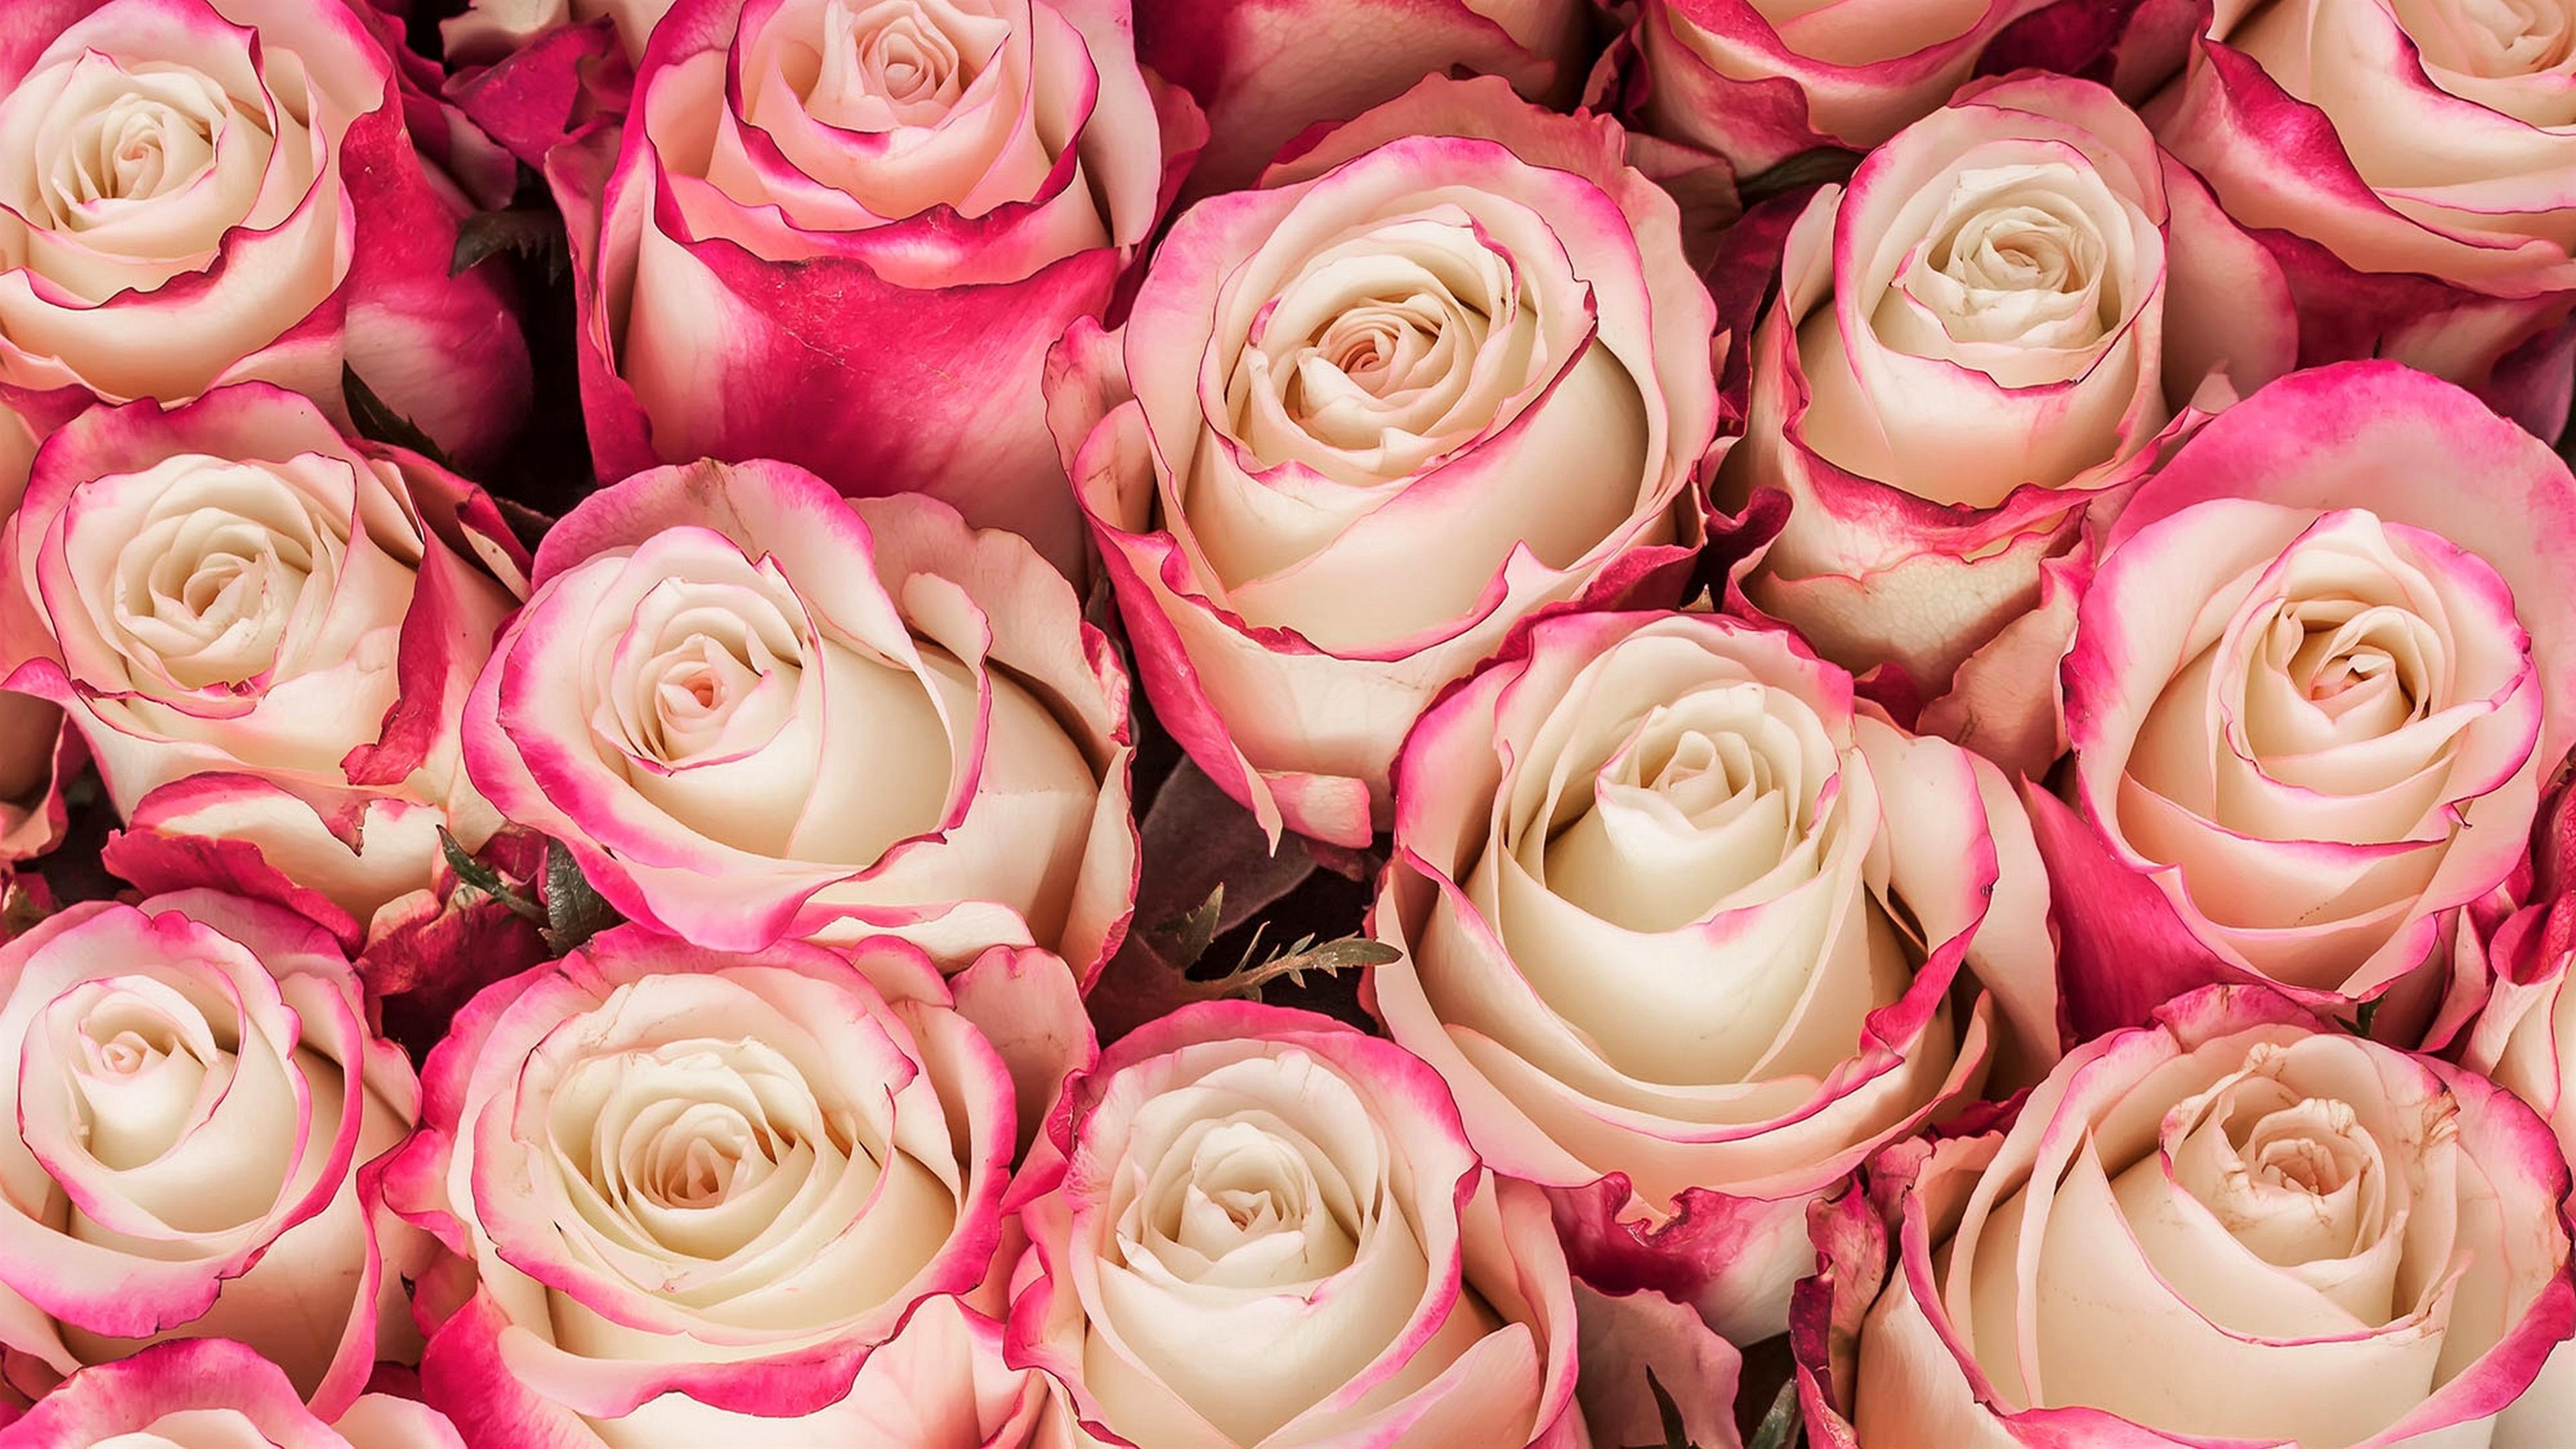 Розы картинки с большим разрешением